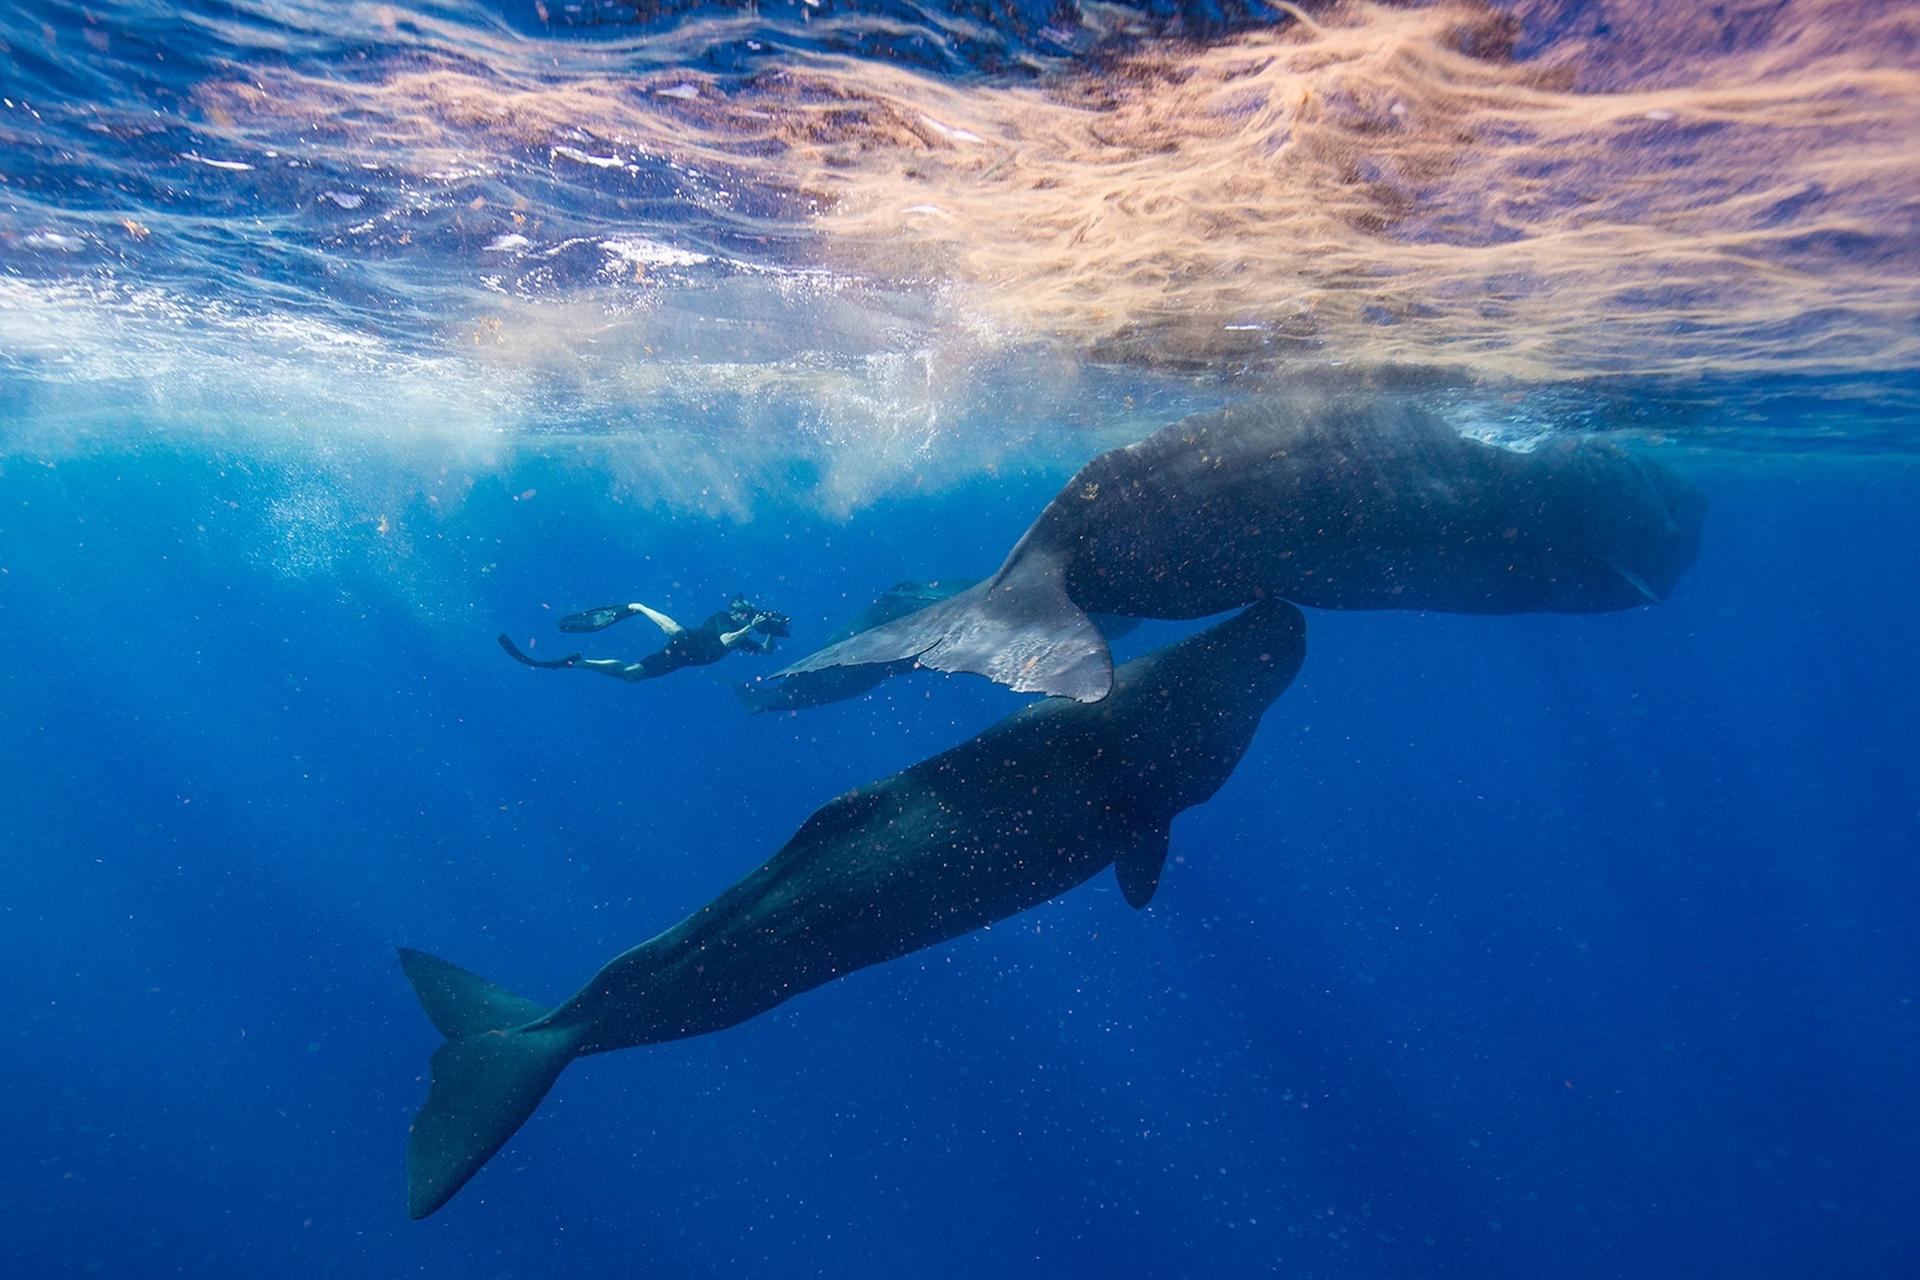 布萊恩.史蓋瑞在加勒比海島國多米尼克的外海拍攝一群抹香鯨。他進行一項關於鯨魚文化的大規模計畫時納入了24個地點,多米尼克就是其中之一。PHOTOGRAPH BY STEVE DE NEEF